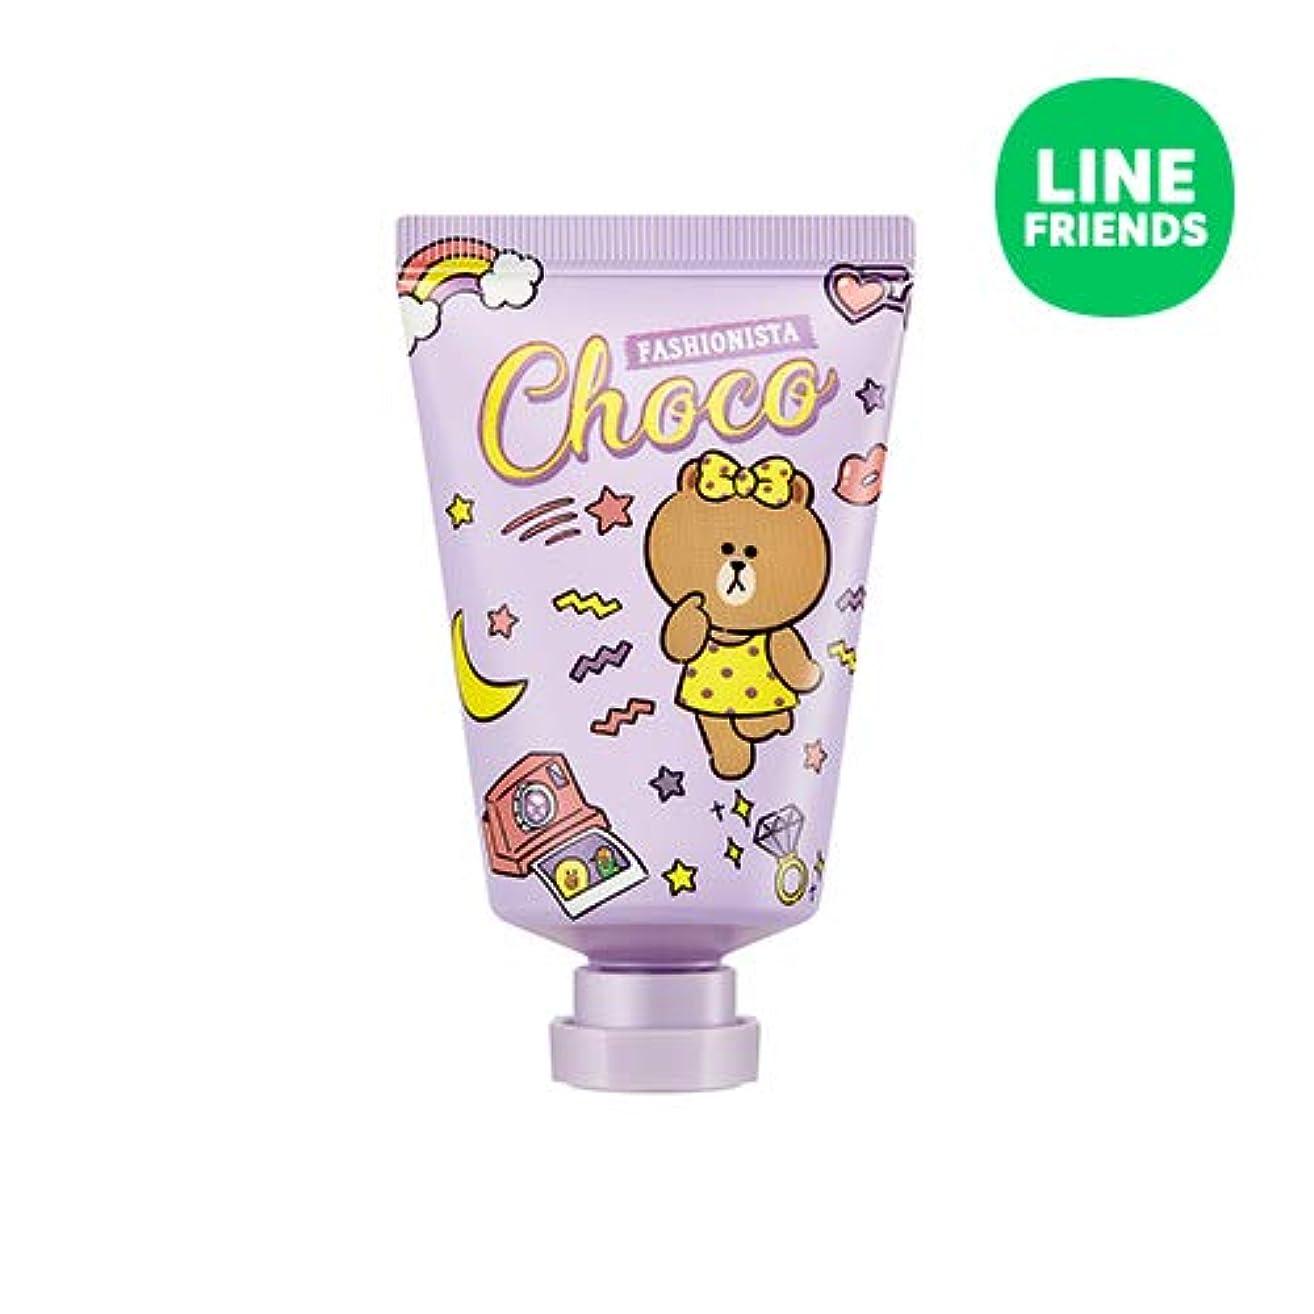 台無しにデザート断言するミシャ(ラインフレンズ)ラブシークレットハンドクリーム 30ml MISSHA [Line Friends Edition] Love Secret Hand Cream - Choco # Pitch Cocktail...